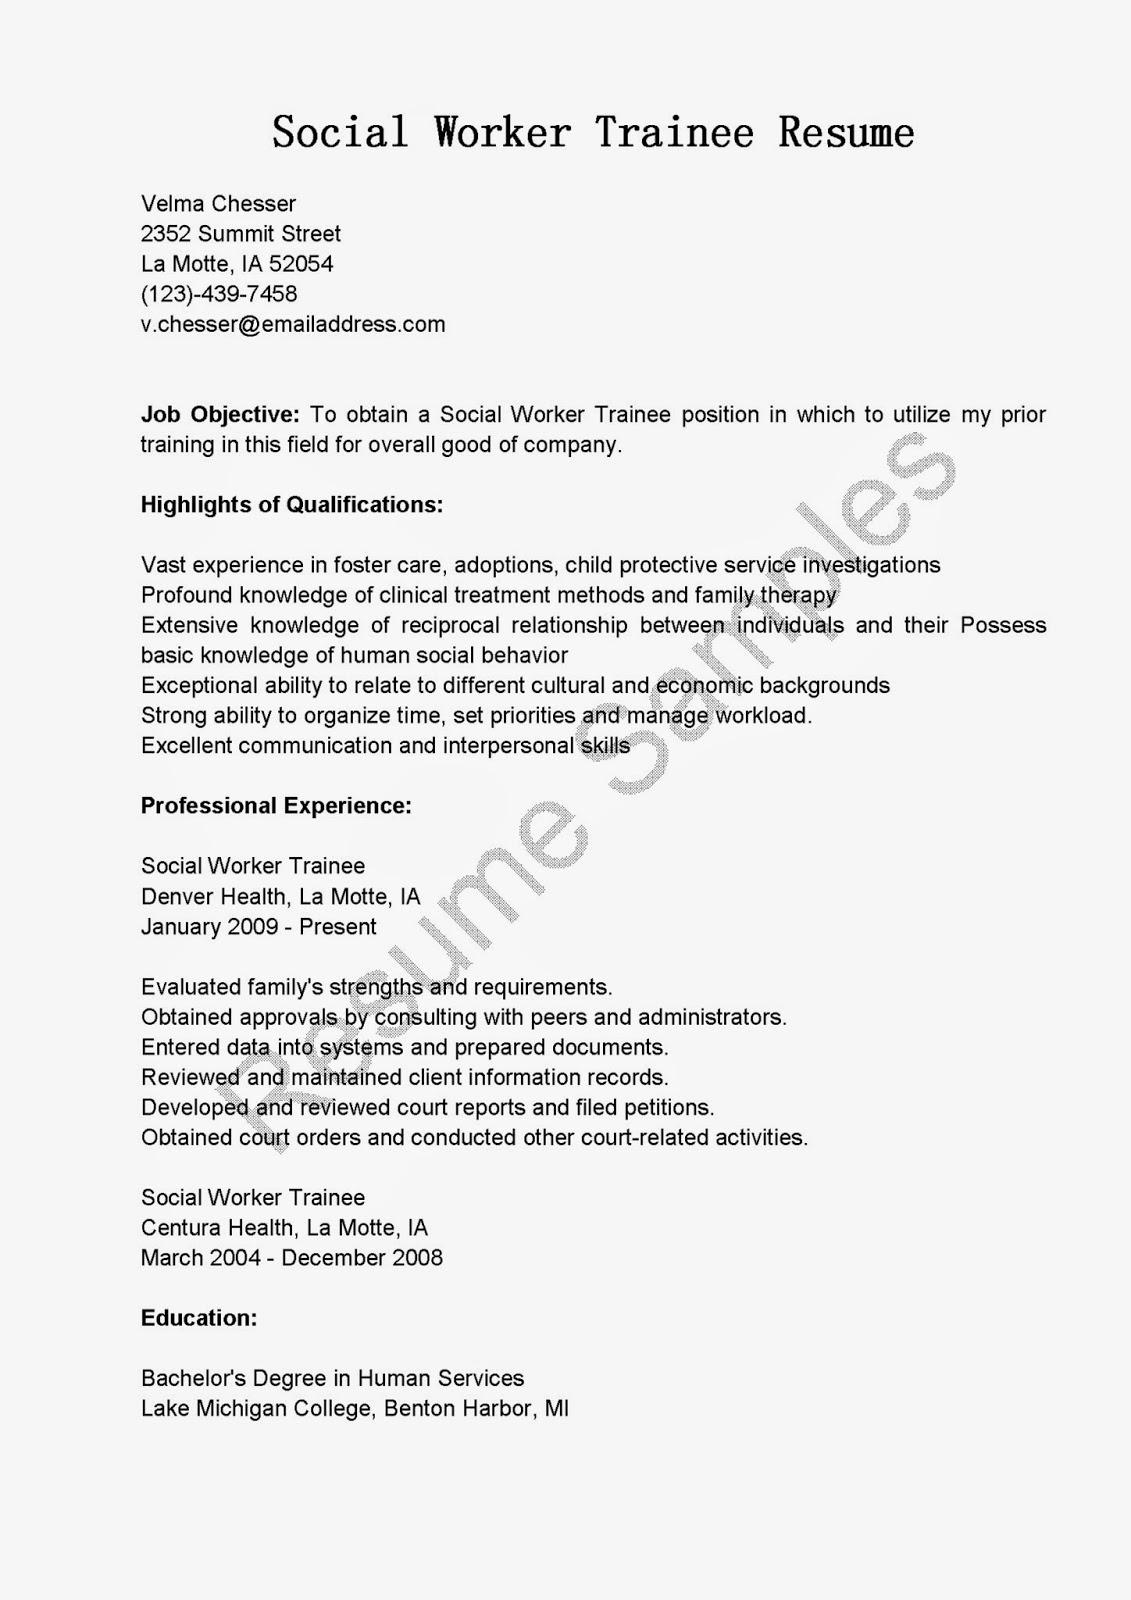 Resume Samples Social Worker Trainee Resume Sample